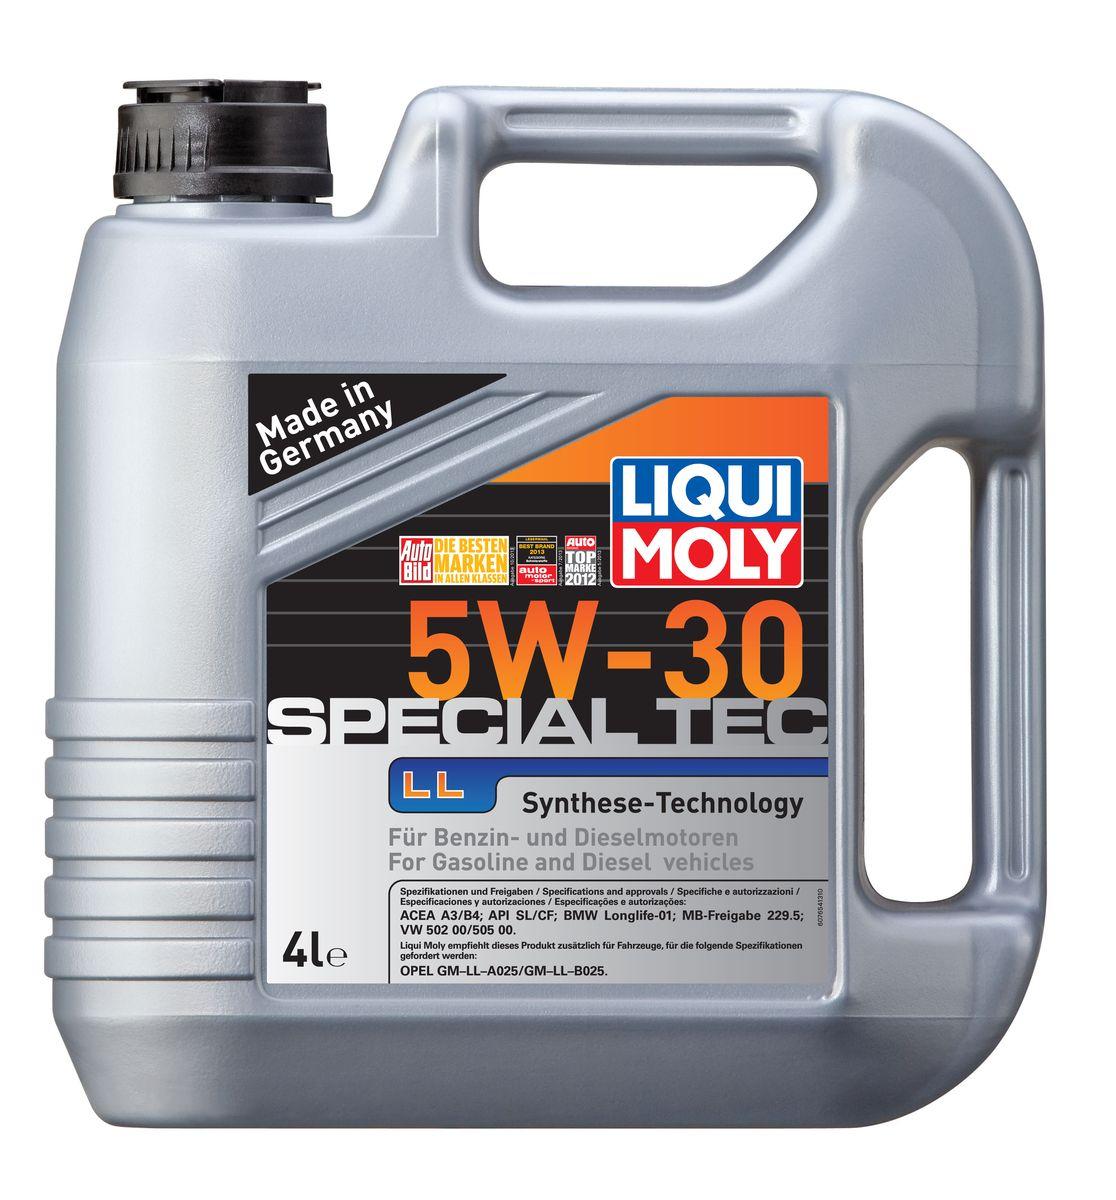 Масло моторное Liqui Moly Special Tec LL, НС-синтетическое, 5W-30, 4 л7654Масло моторное Liqui Moly Special Tec LL рекомендуется для широкого спектра автомобилей с высочайшими требованиями к свойствам моторного масла, таких как Mercedes-Benz, BMW, VW, Opel. HC-синтетическое всесезонное маловязкое моторное масло произведено по новейшим технологическим требованиям. Удовлетворяет условиям LongLife-сервиса. Масло протестировано на турбированных и оснащенных катализаторами моторах. Может использоваться и в двигателях Opel предыдущих поколений, в которых разрешено применение моторных масел данного класса вязкости. Благодаря комбинации НС-синтетических базовых масел и самых современных присадок моторные масла Special Tec LL обеспечивают высочайший уровень защиты от износа, предотвращают образование и накопление отложений в масляной системе и гарантируют стабильное быстрое поступление масла ко всем деталям двигателя. Масло имеет высокий показатель щелочного числа (TBN > 10,5 мг(KOH)/г), что обеспечивает высочайшие моющие свойства. ...